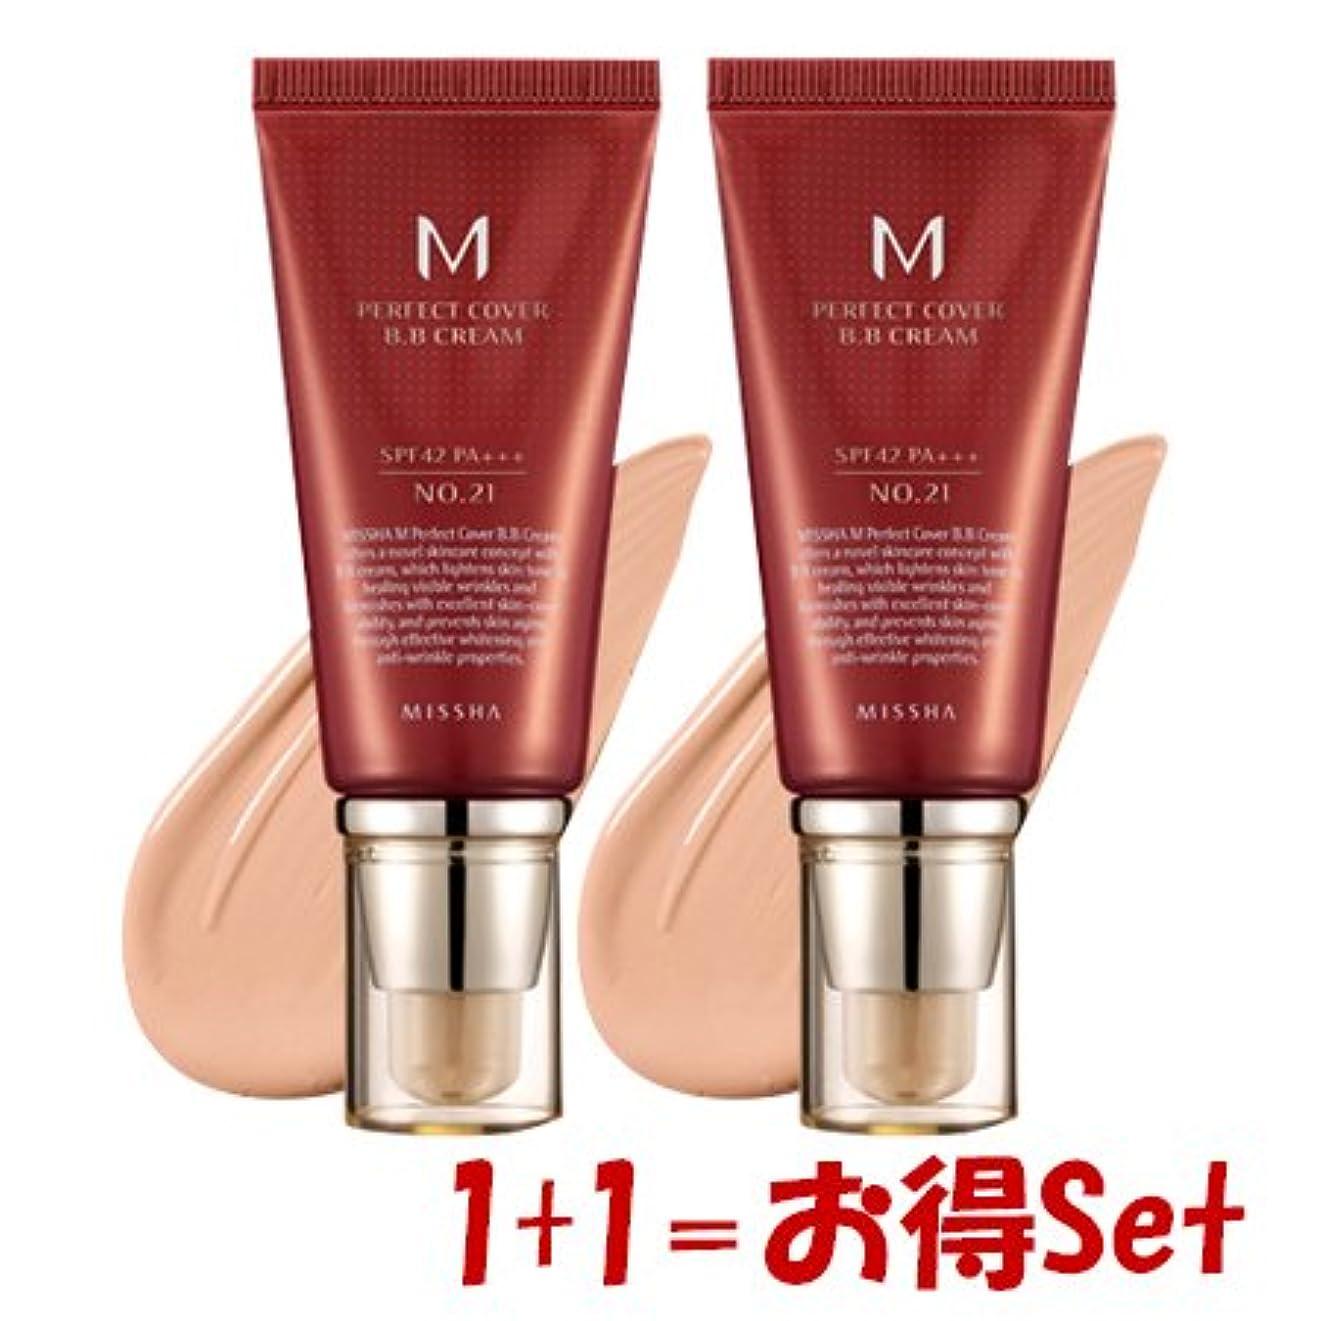 落花生天国天国MISSHA(ミシャ) M Perfect Cover パーフェクトカバーBBクリーム 21号+ 21号(1+1=Set) [並行輸入品]